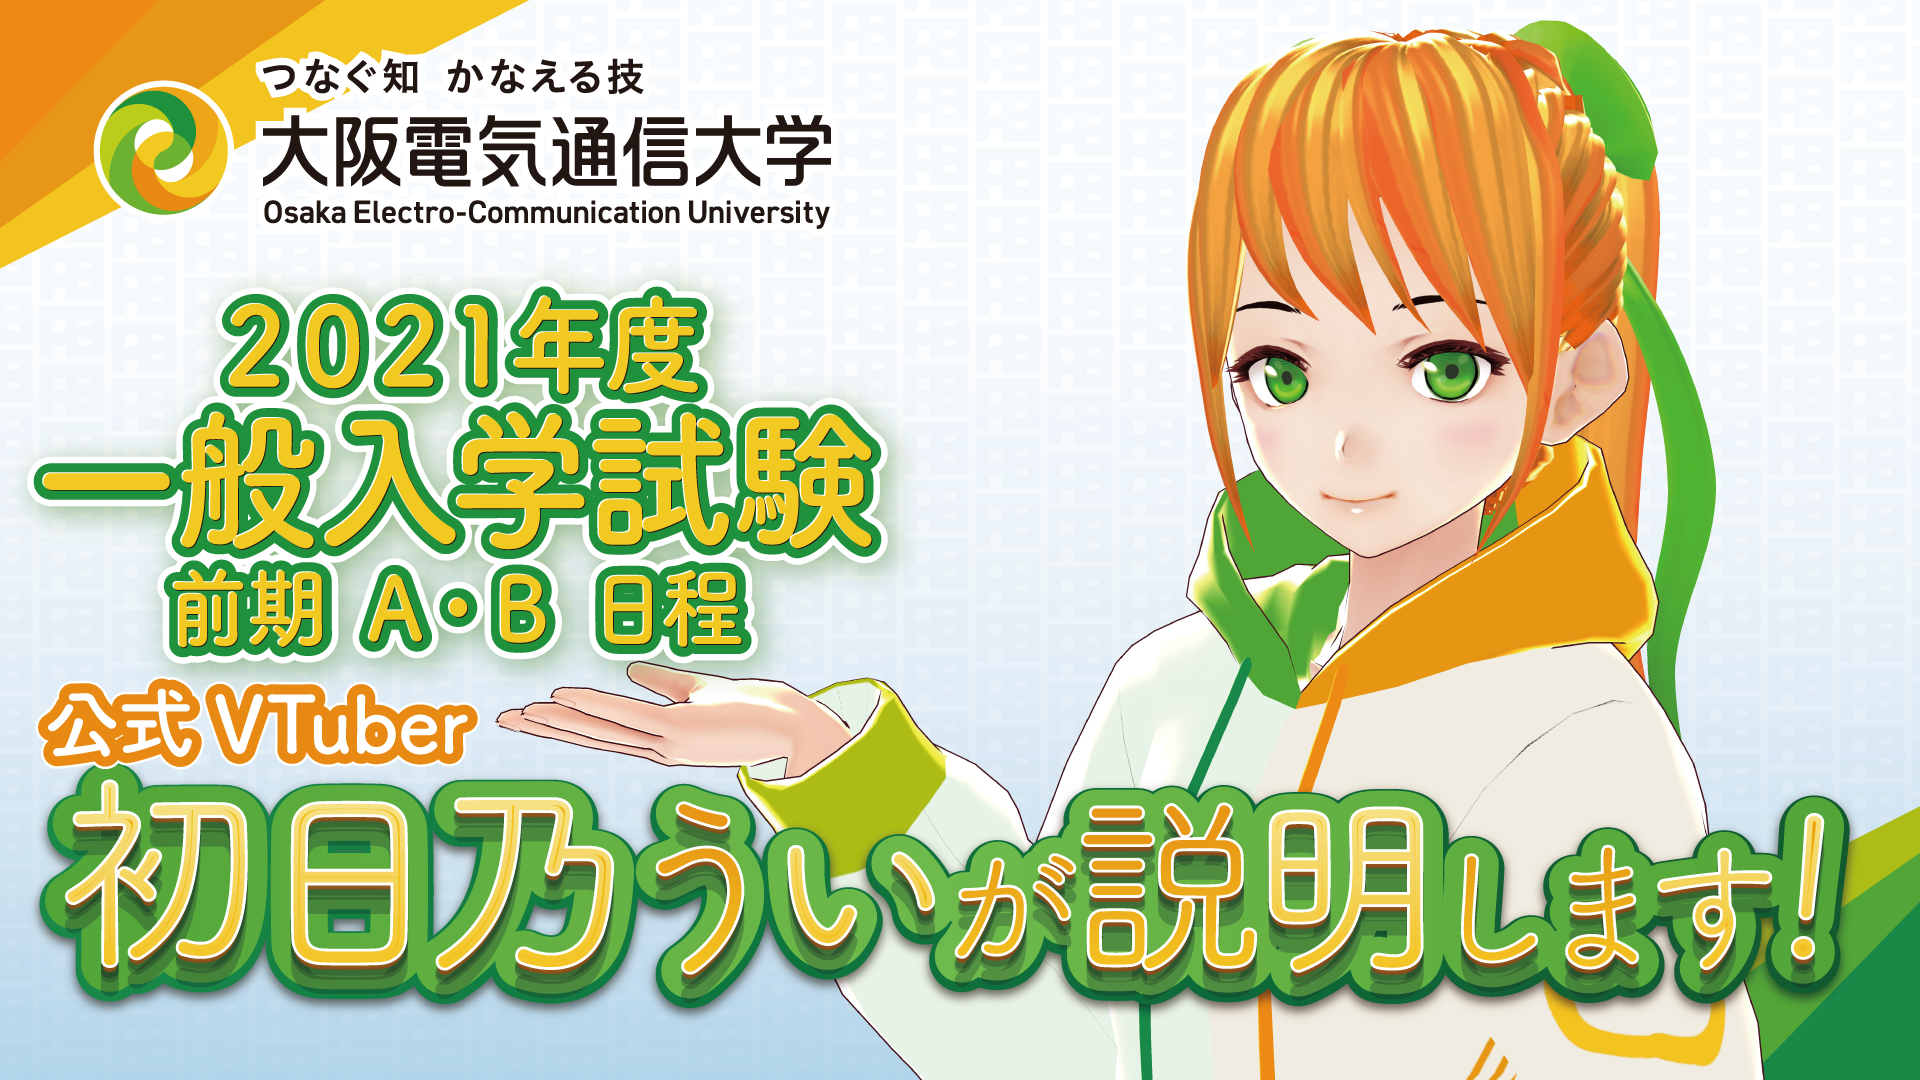 大阪電気通信大学公式VTuber「初日乃うい」による入試解説動画を公開しました -- 大阪電気通信大学